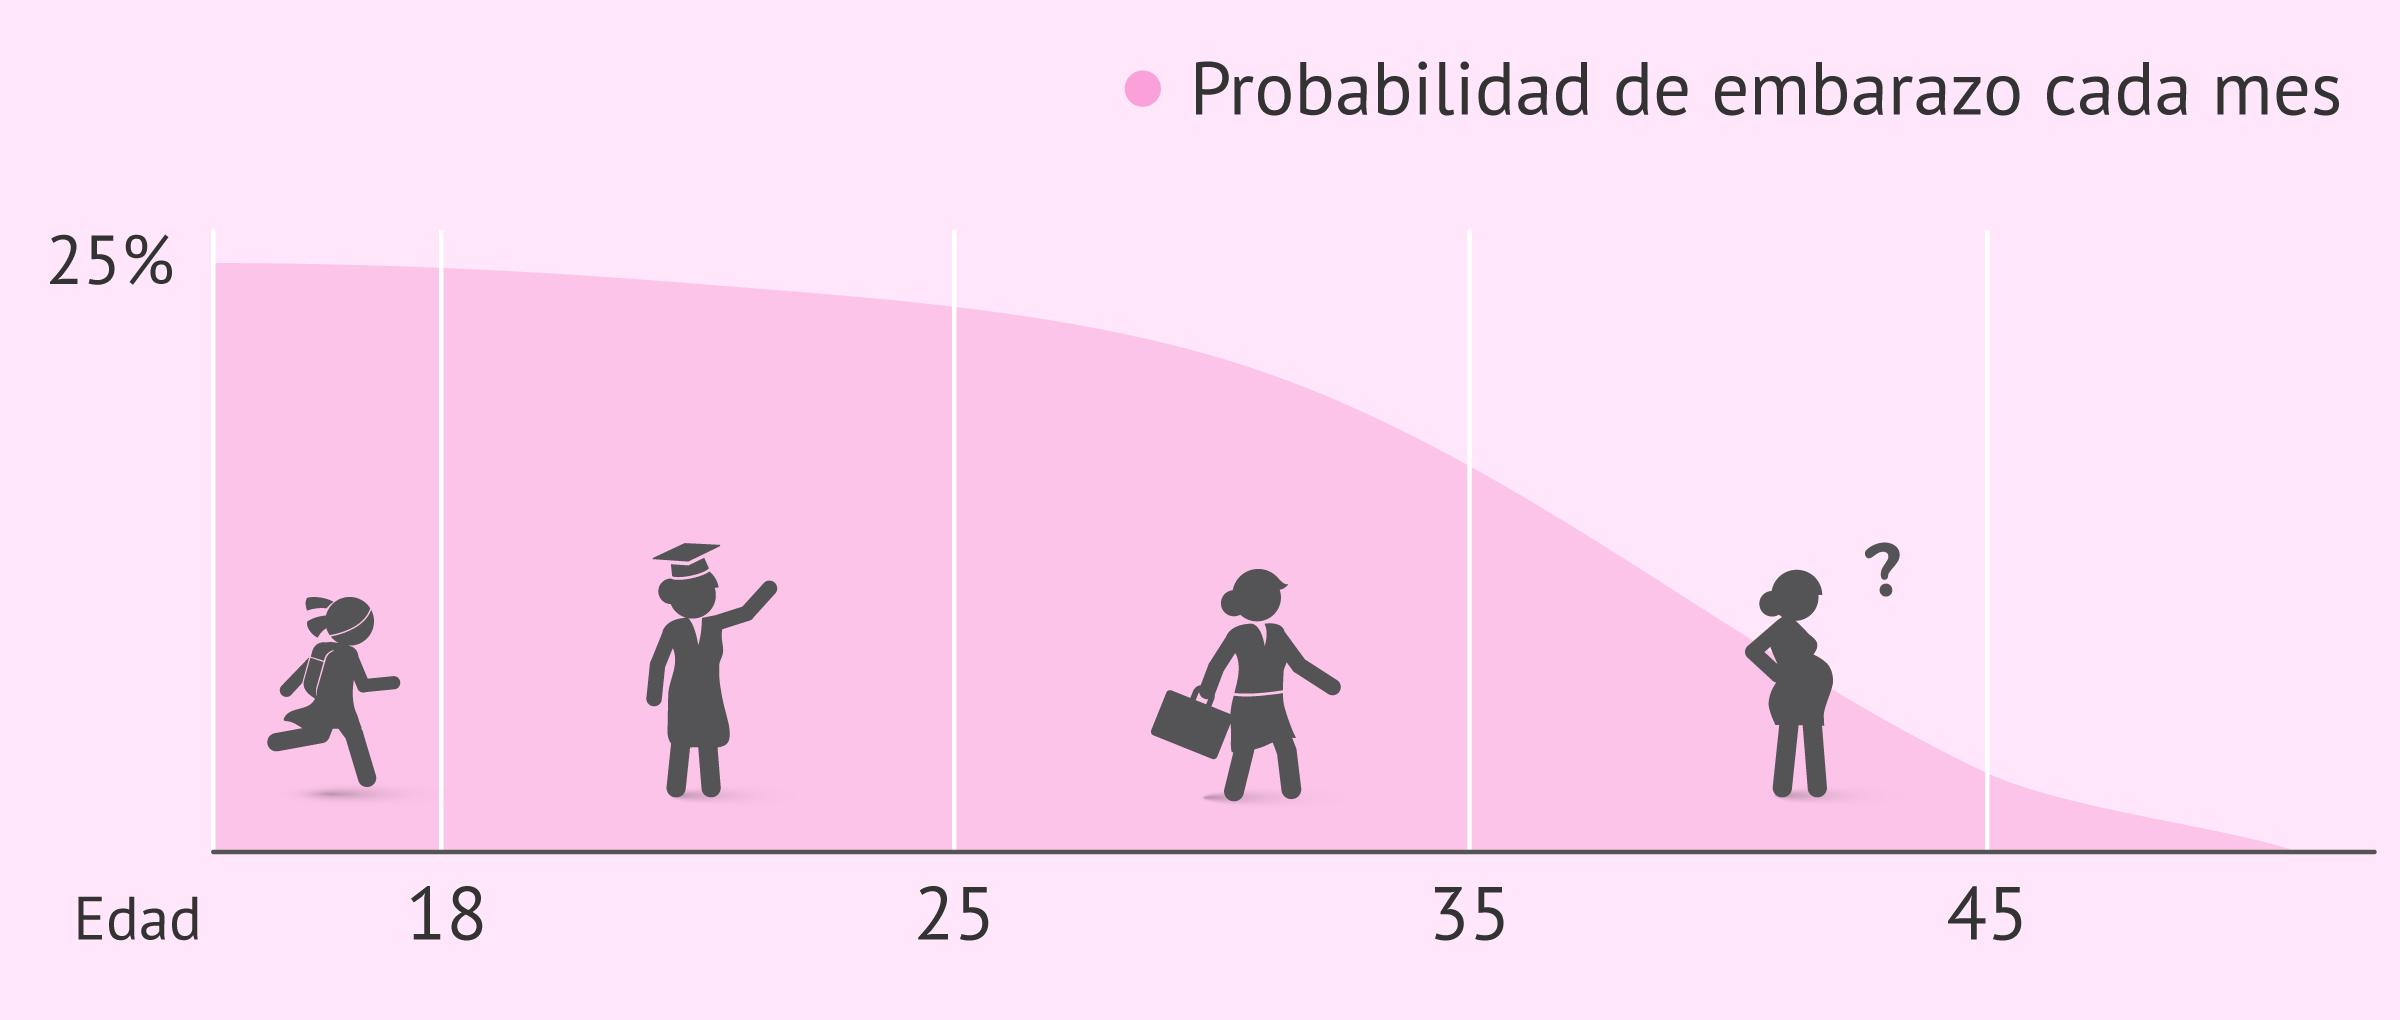 Disminución de la probabilidad de embarazo mensual con la edad